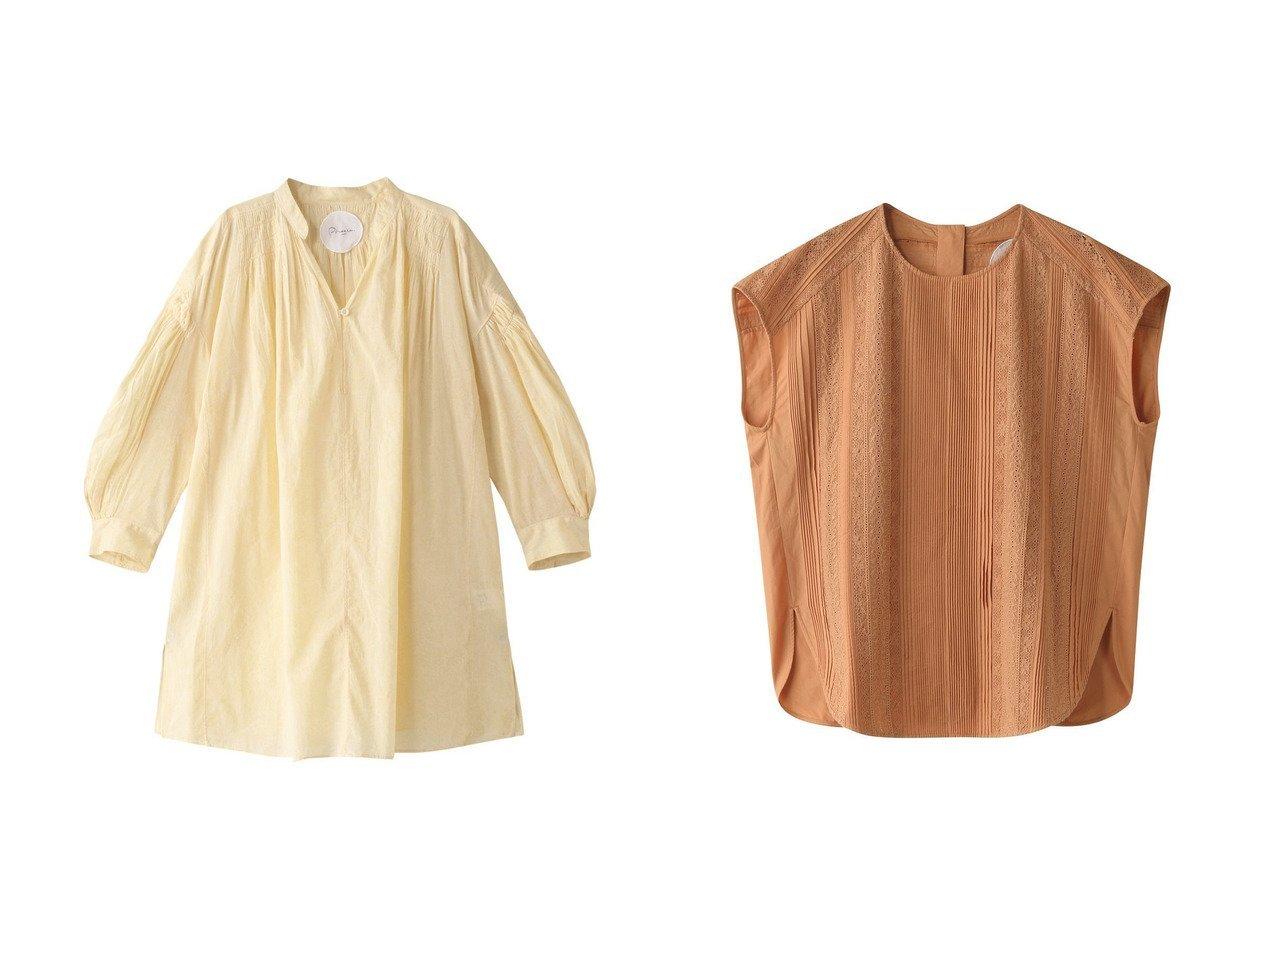 【Pheeta/フィータ】のHarey コットンボリュームスリーブチュニック&Kate コットンレースタックブラウス 【トップス・カットソー】おすすめ!人気、トレンド・レディースファッションの通販 おすすめで人気の流行・トレンド、ファッションの通販商品 メンズファッション・キッズファッション・インテリア・家具・レディースファッション・服の通販 founy(ファニー) https://founy.com/ ファッション Fashion レディースファッション WOMEN トップス・カットソー Tops/Tshirt ボリュームスリーブ / フリル袖 Volume Sleeve シャツ/ブラウス Shirts/Blouses おすすめ Recommend チュニック プリント レギンス インド ショート シンプル スリーブ フォルム ボトム レース |ID:crp329100000035598